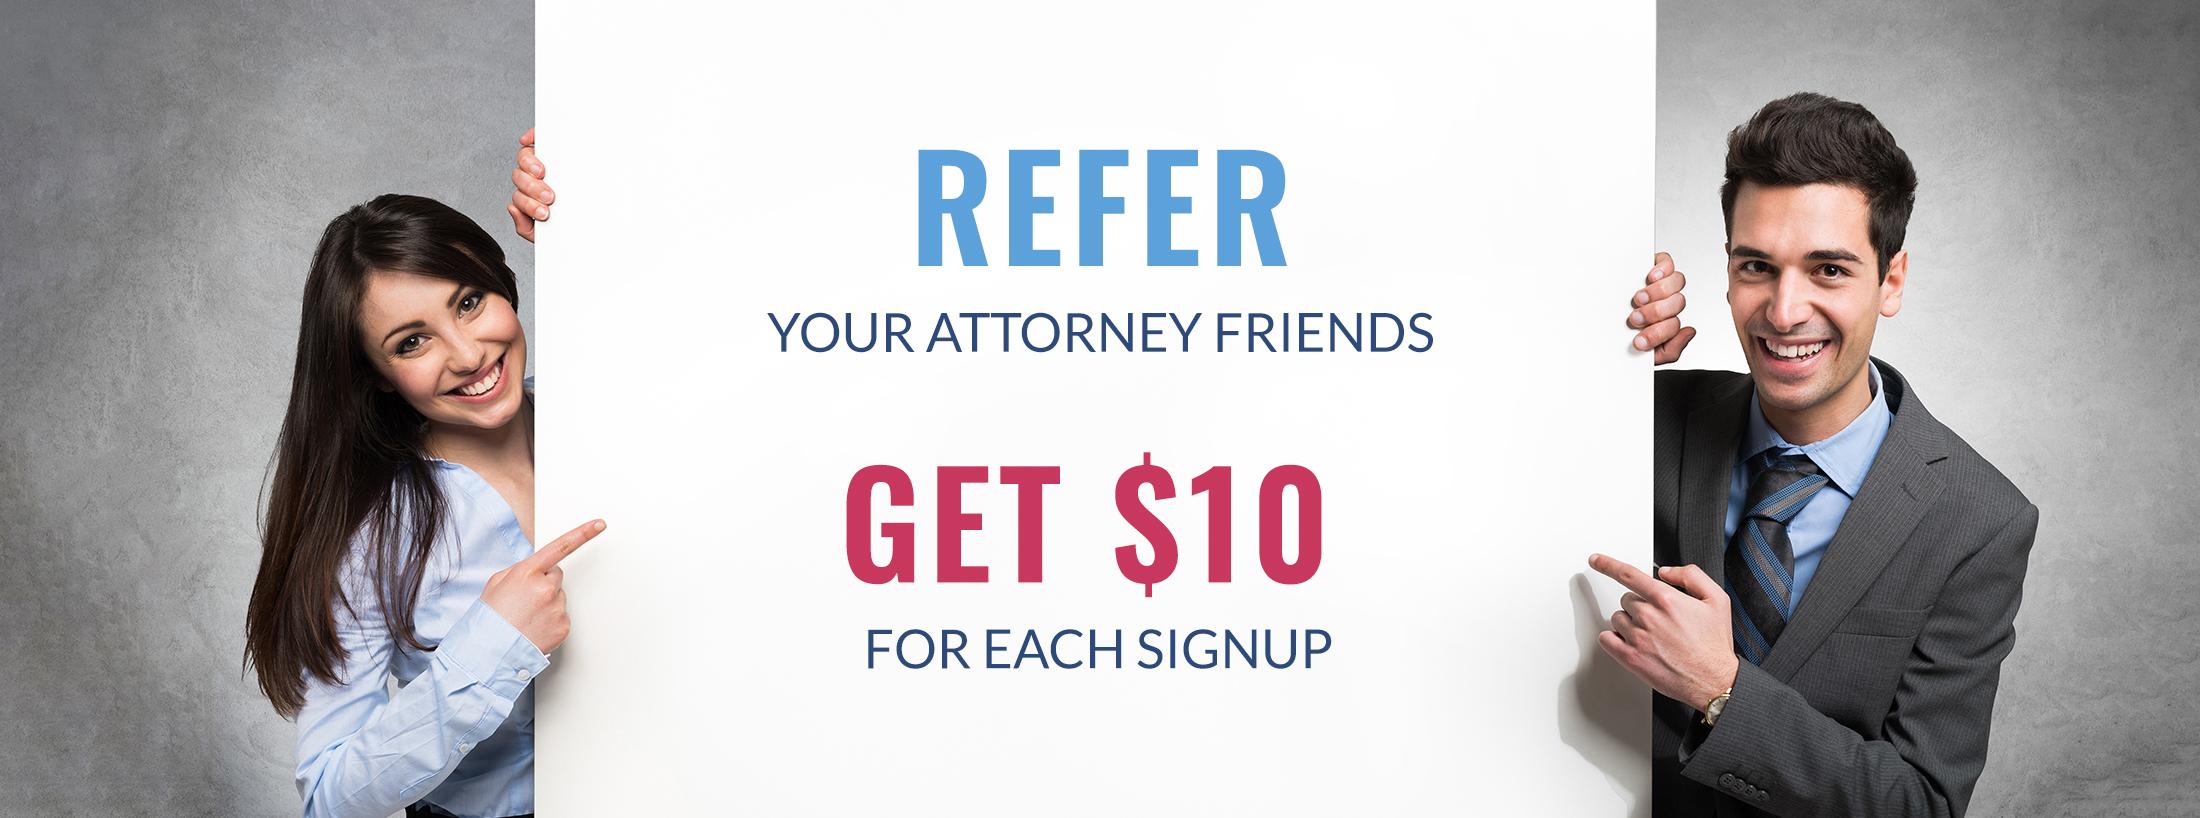 attorney friends